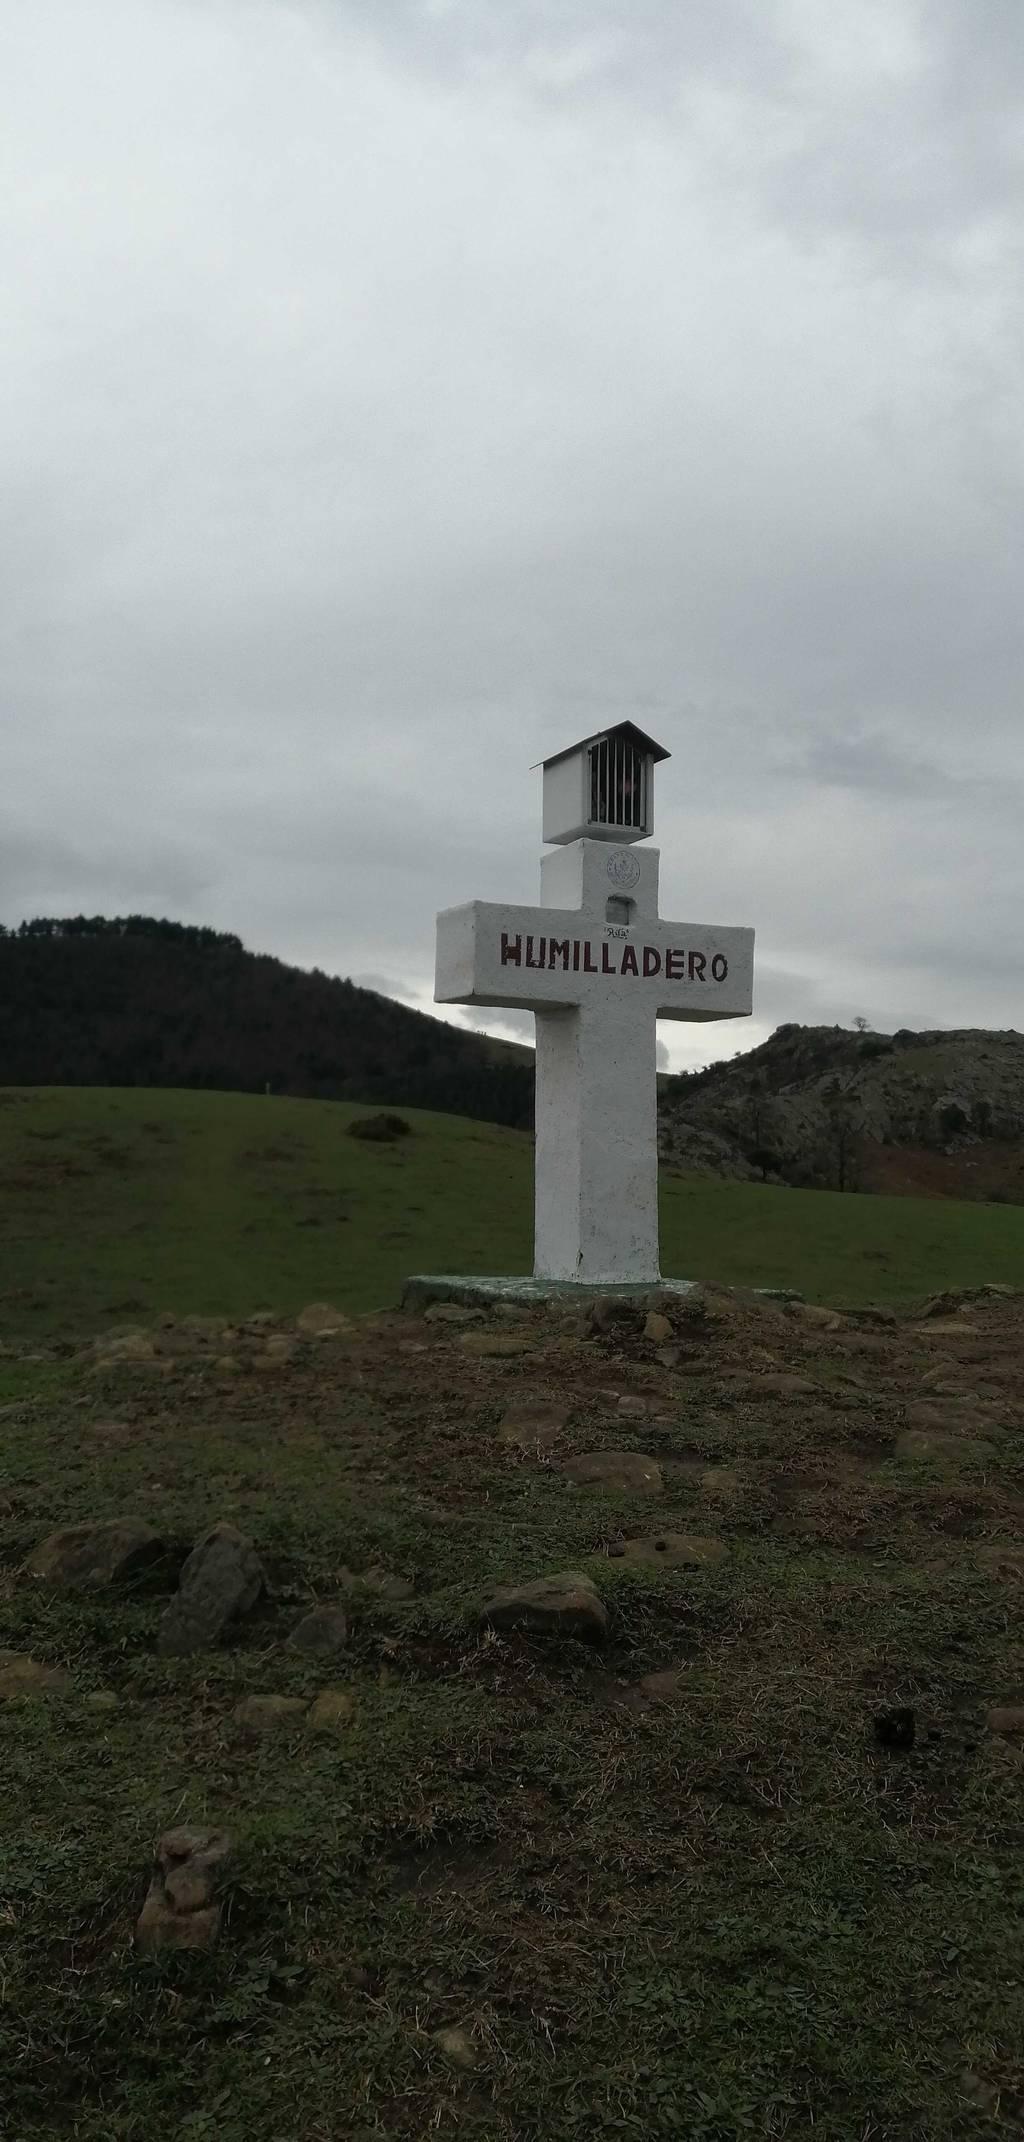 Ainhoa Marcide erabiltzailea El Humilladero puntan, 2020-12-31 11:35